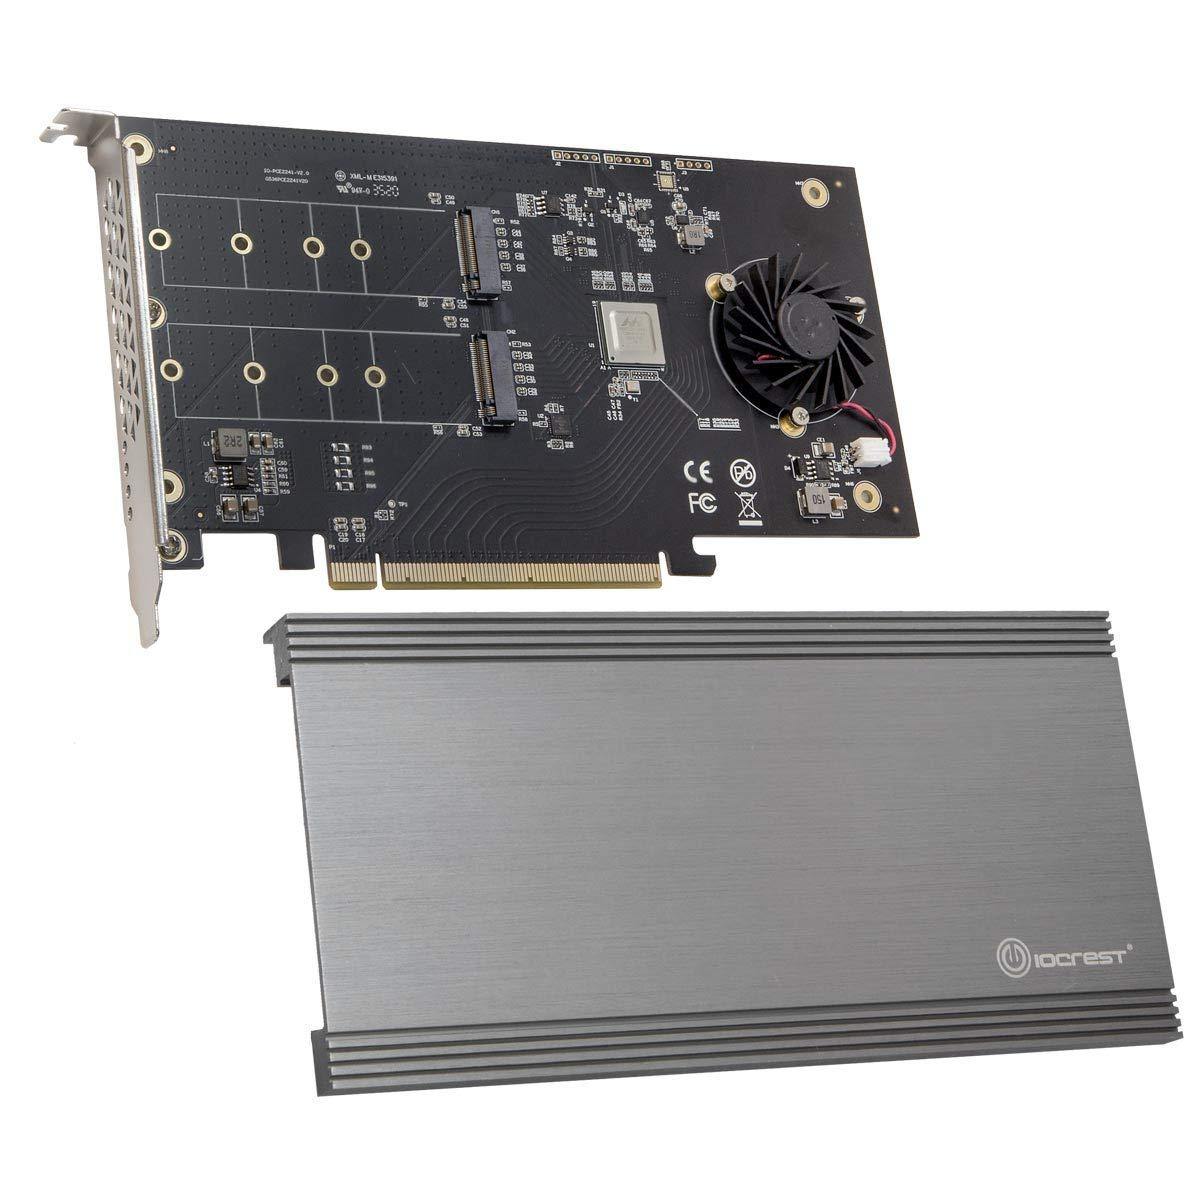 IO CREST Dual M.2 NVMe Puertos RAID a PCIe 3.0 X16 Interface